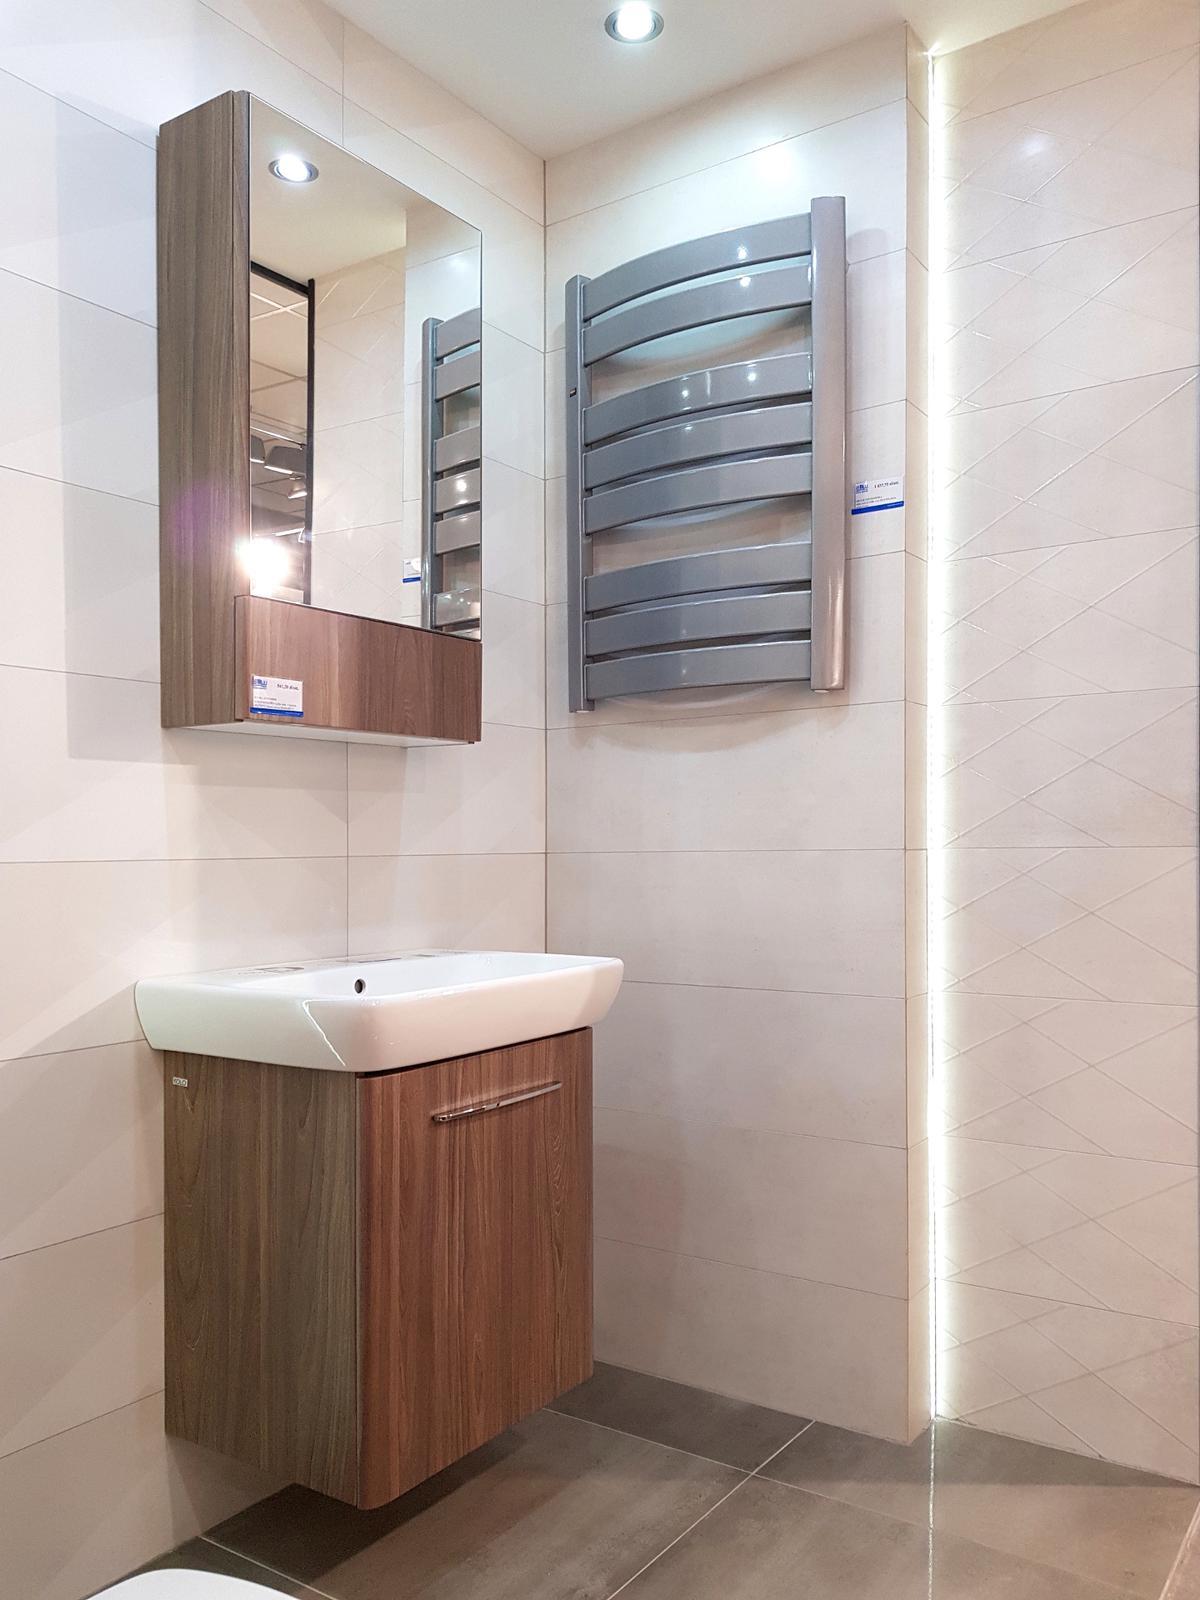 Meble łazienkowe Koło Nova Pro - zdjęcie od BLU salon łazienek Cieszyn